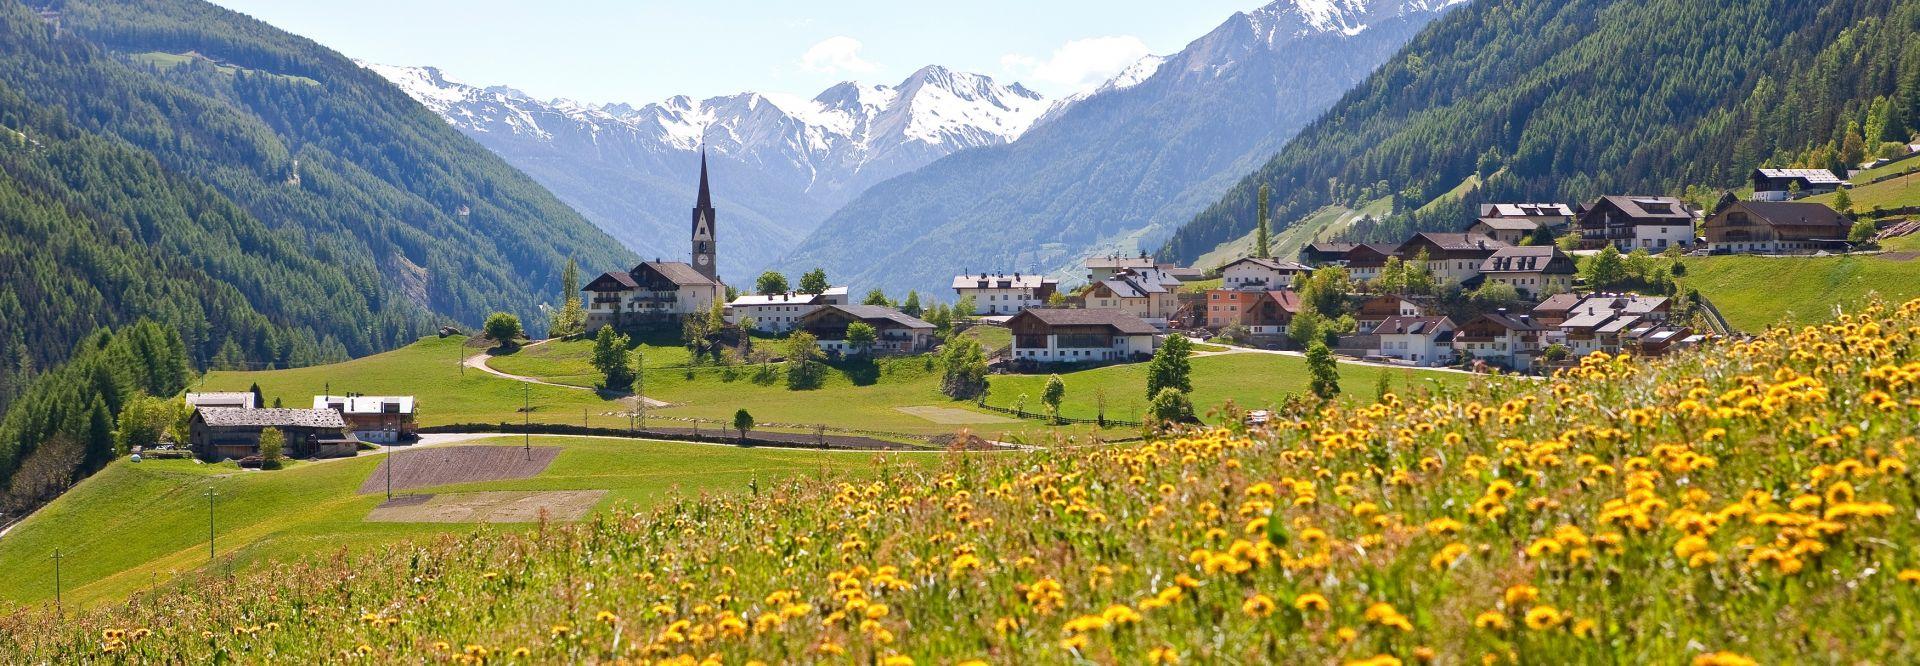 Sommerlicher Ausblick auf St. Jakob (c) TVB Tauferer Ahrntal (Tourismusverein Ahrntal)